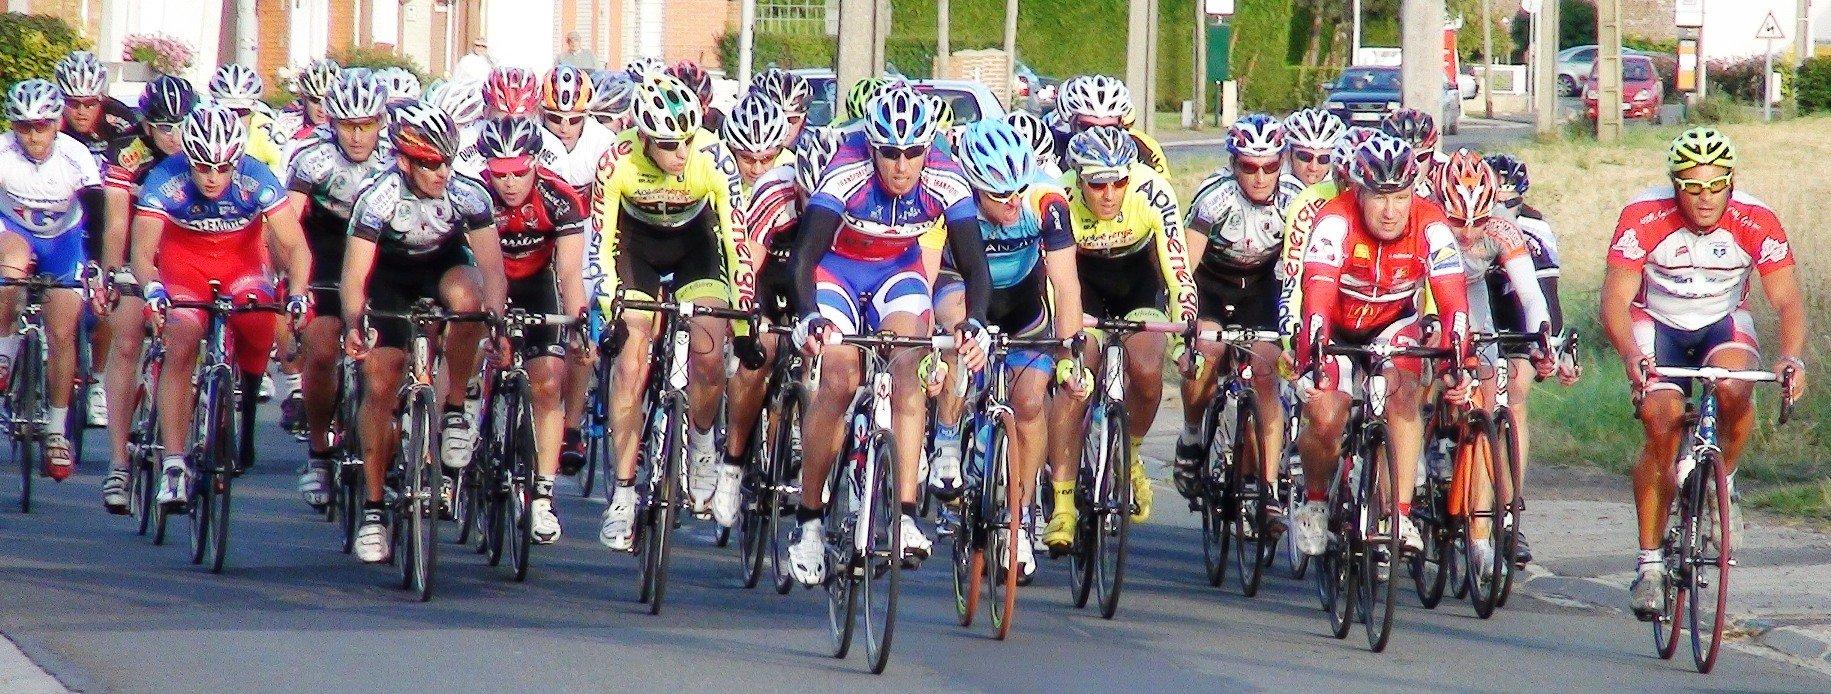 Course cycliste à Beuvry dans Sport peloton